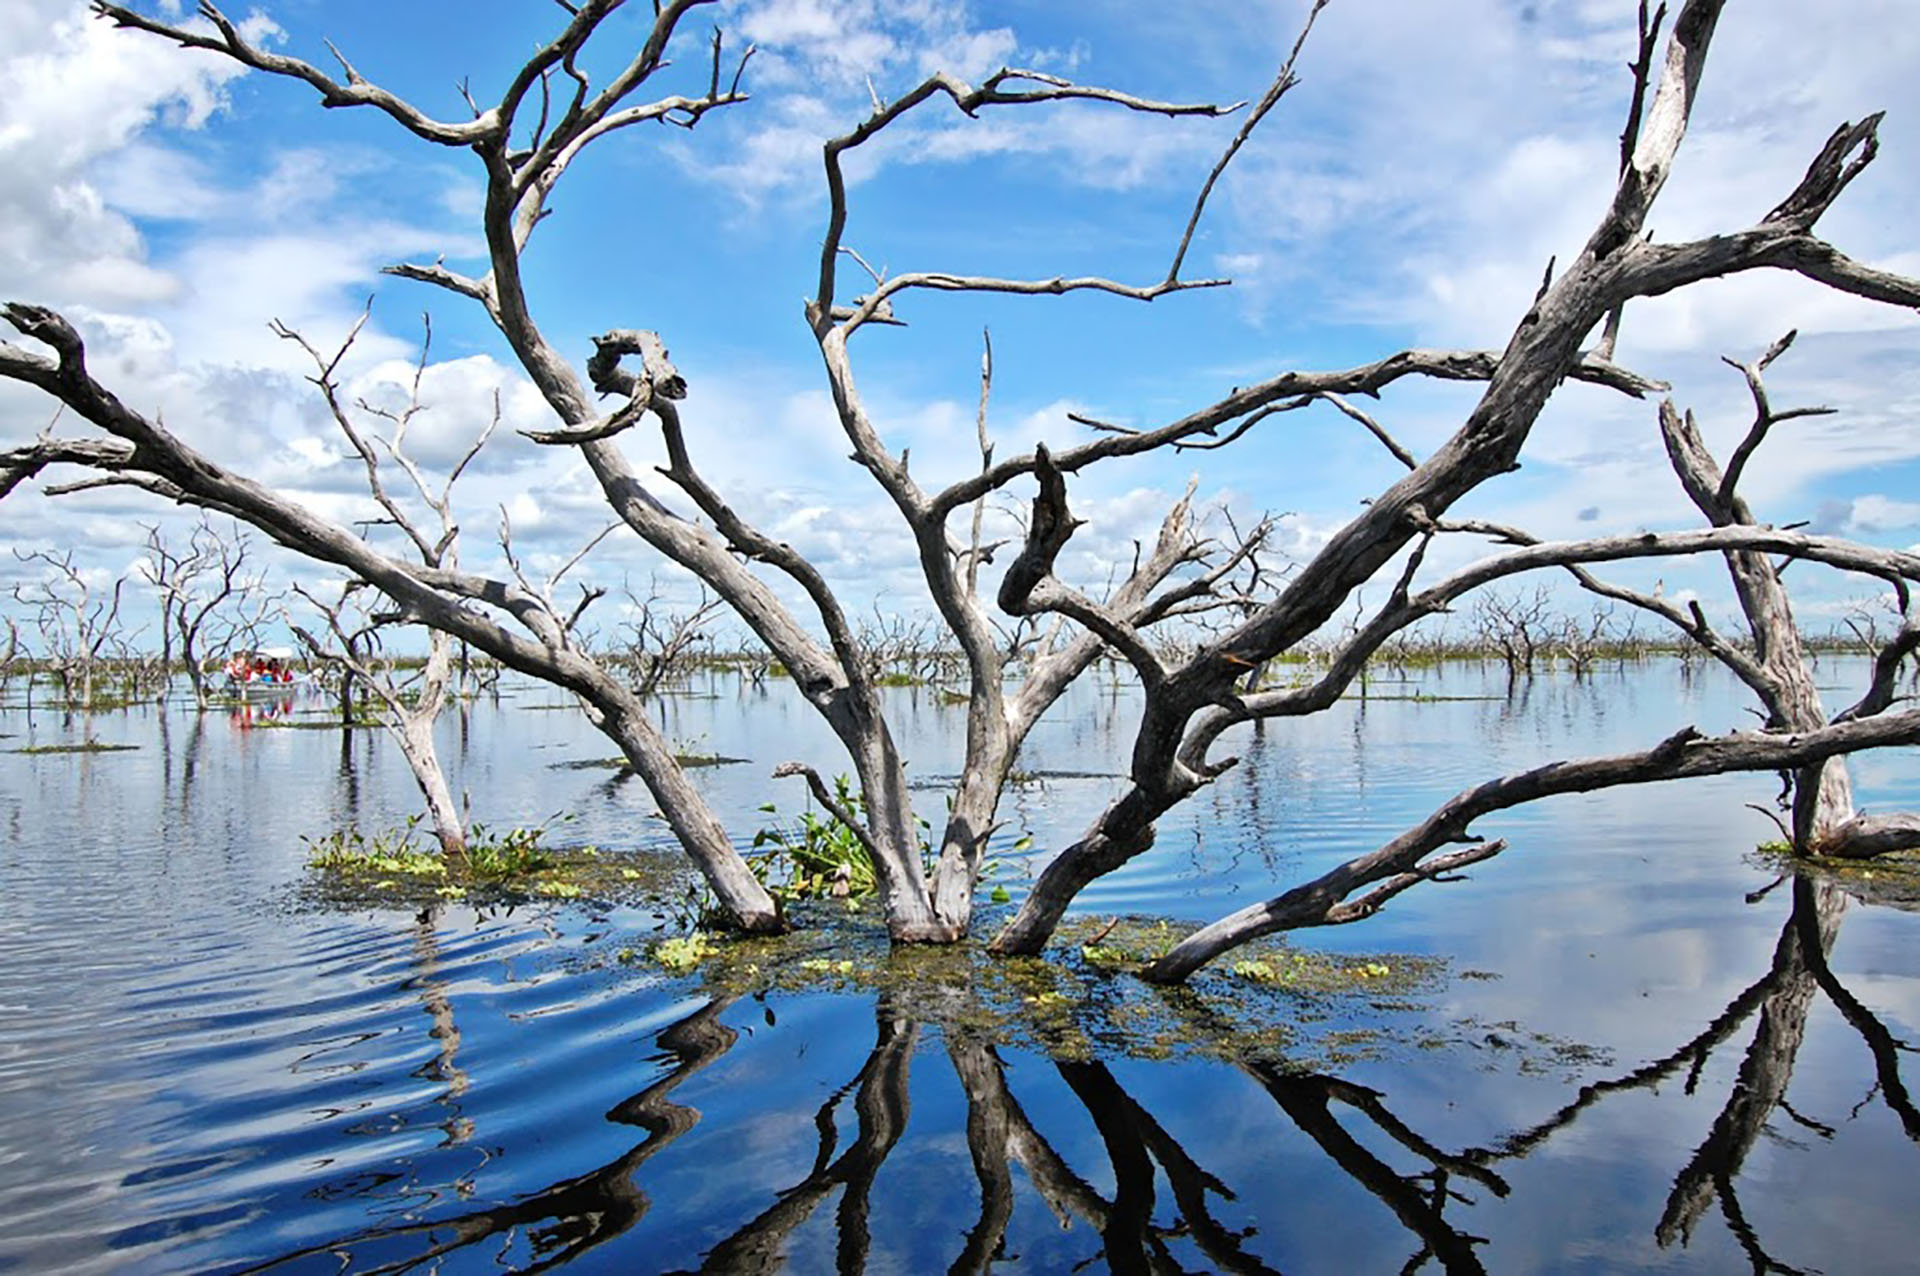 Es el segundo humedal más grande de Argentina. Ubicado al norte de la localidad de Las Lomitas, se encuentra inundado la mayor parte del año por las lluvias y los desbordes del Río Pilcomayo